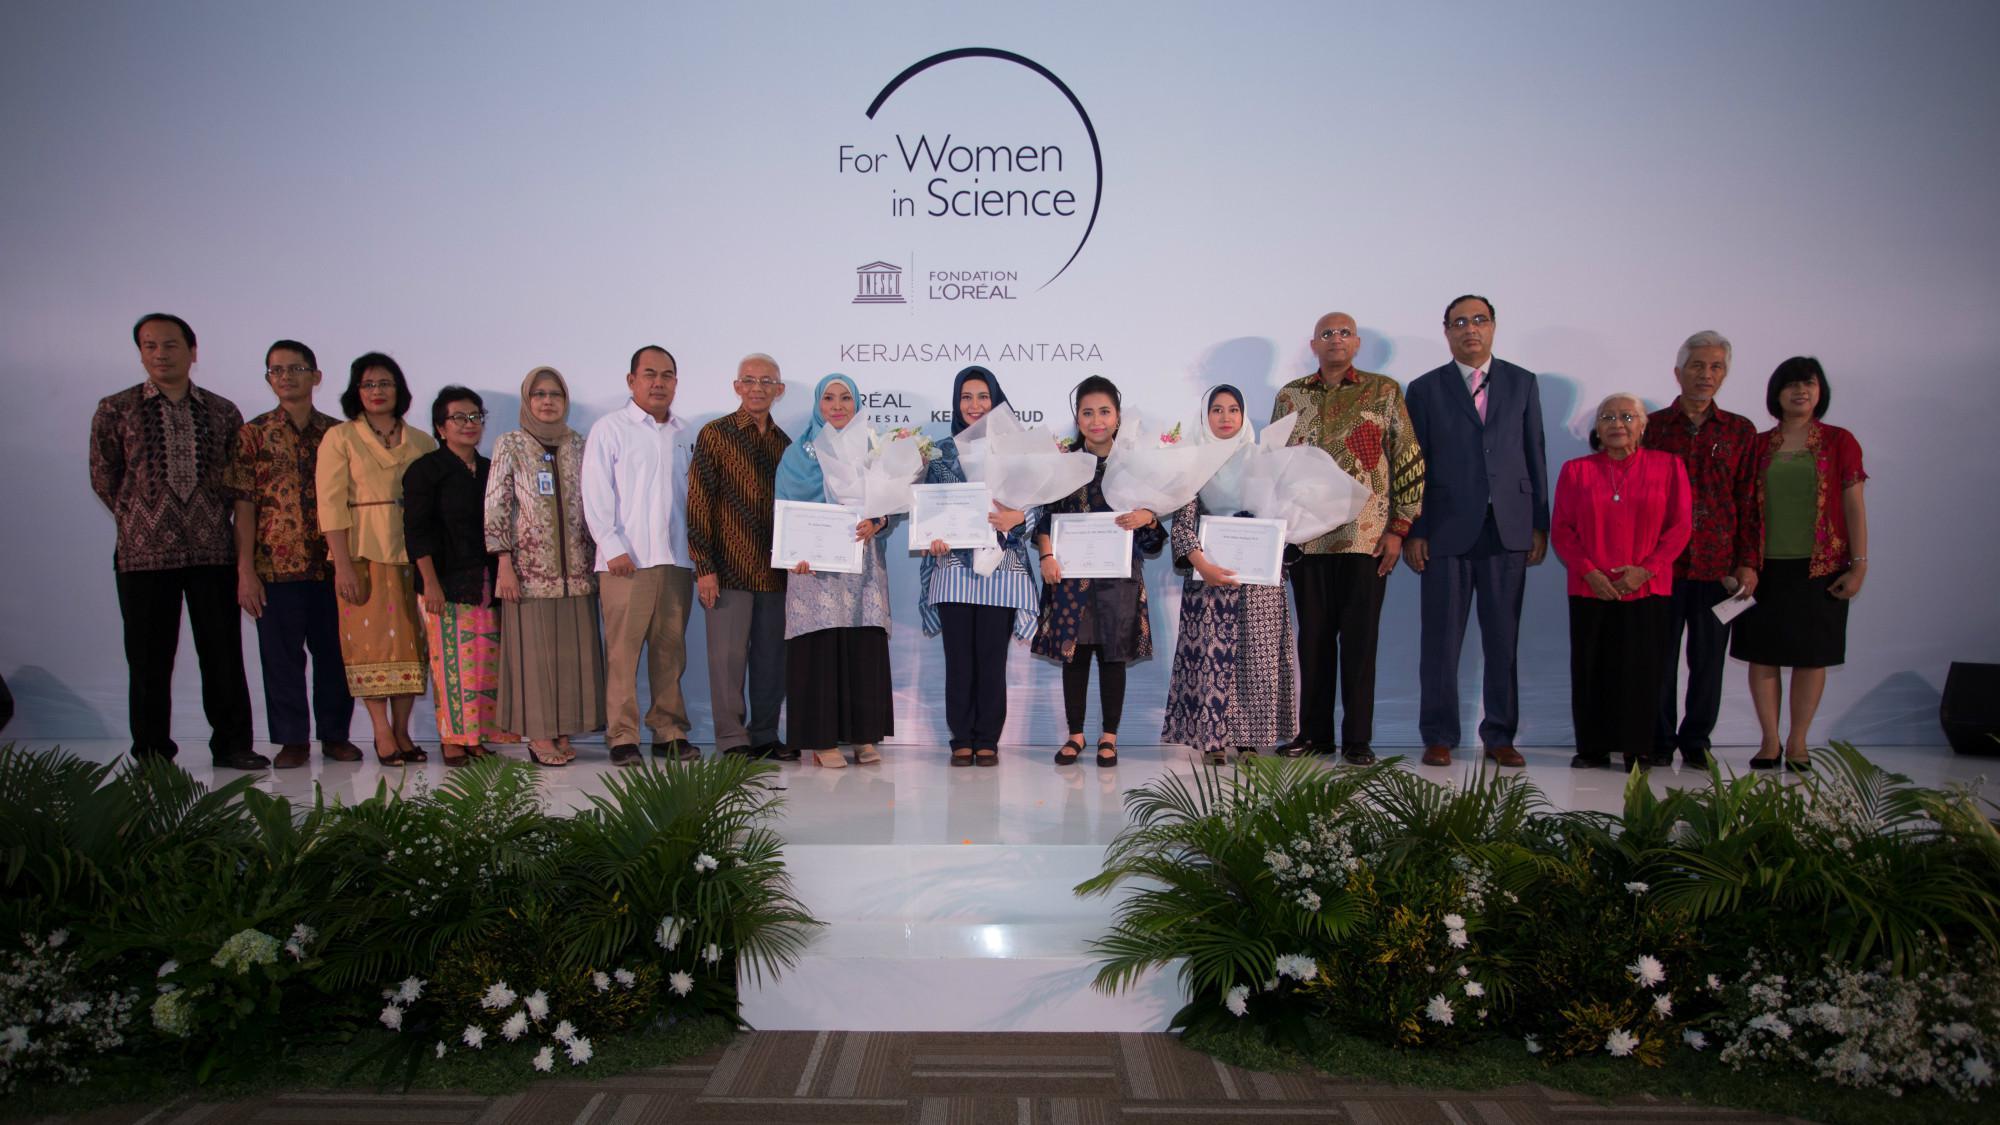 Para pemenang L'Oréal-UNESCO For Women in Science 2017 beserta para dewan juri (L'Oréal Indonesia)